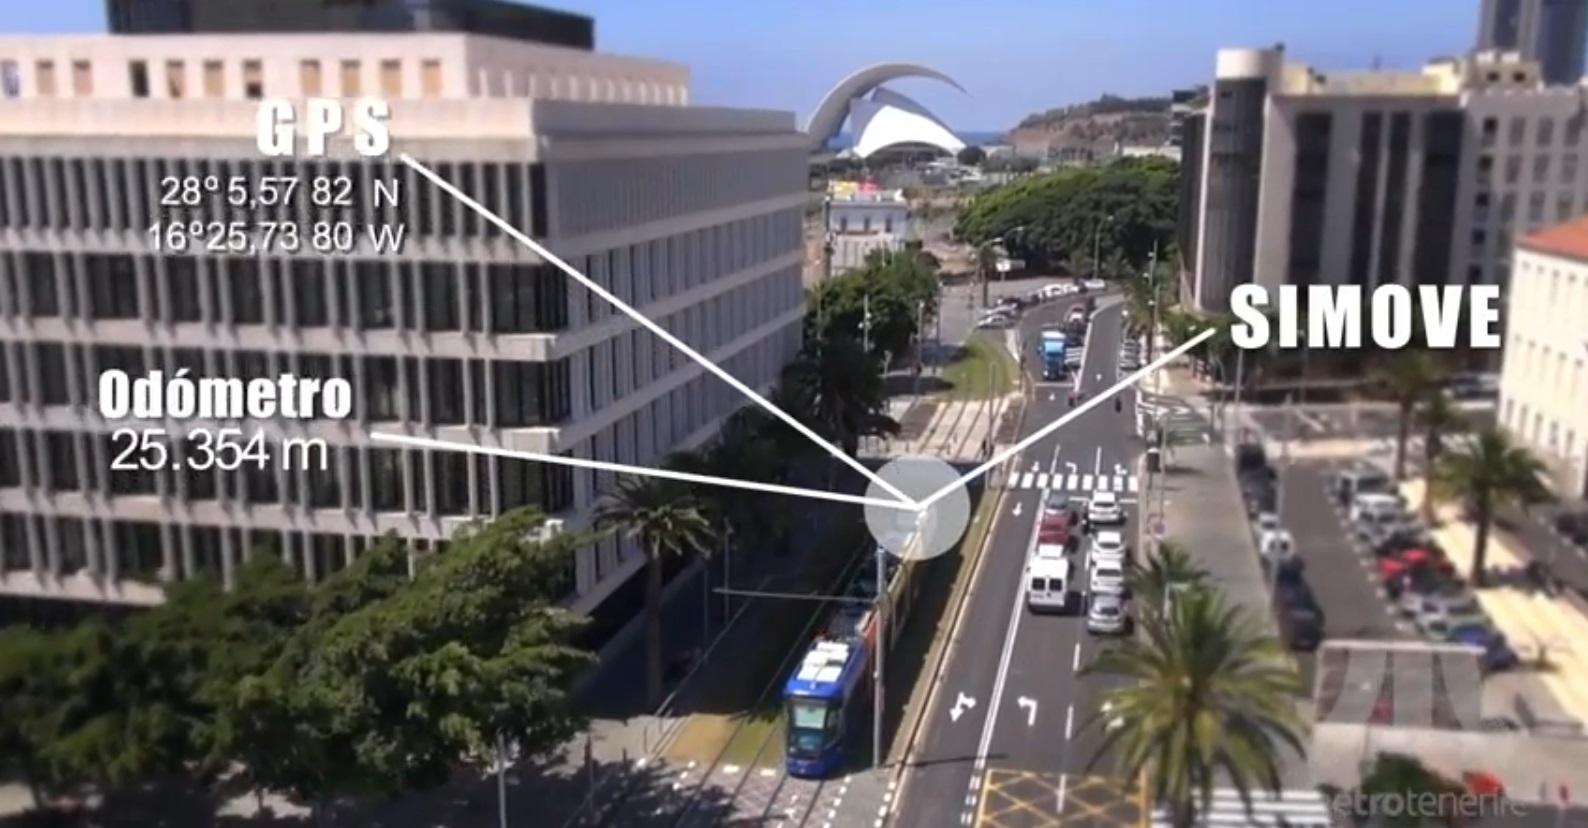 Simulación datos Simove con tranvía de tenerife